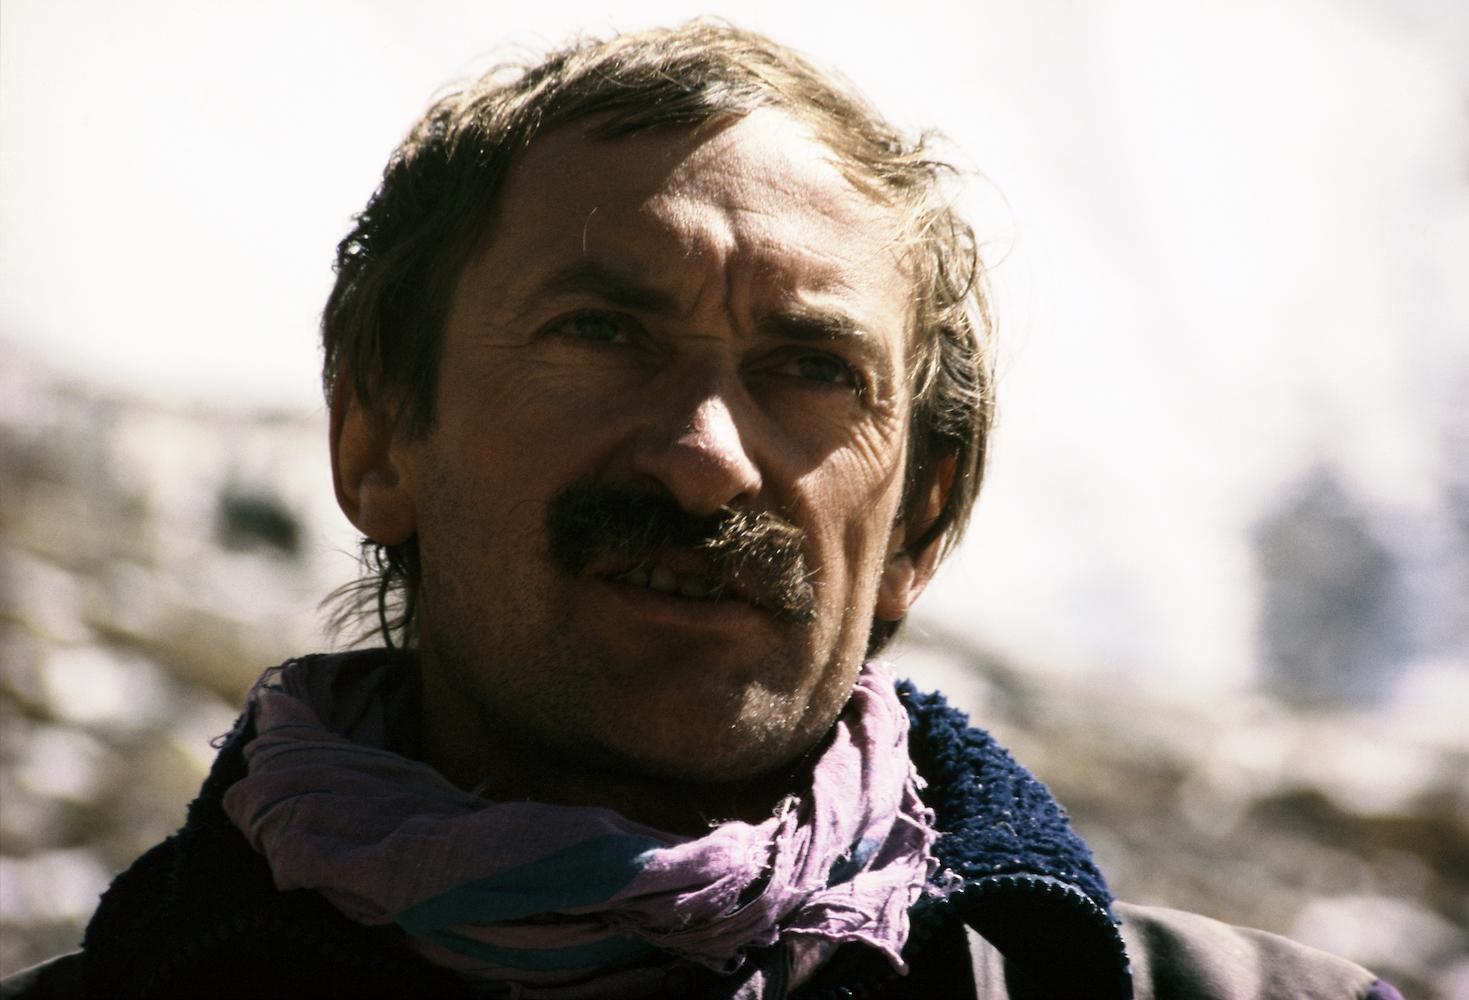 Krzysztof Wielicki (fot. arch. Krzysztof Wielicki)